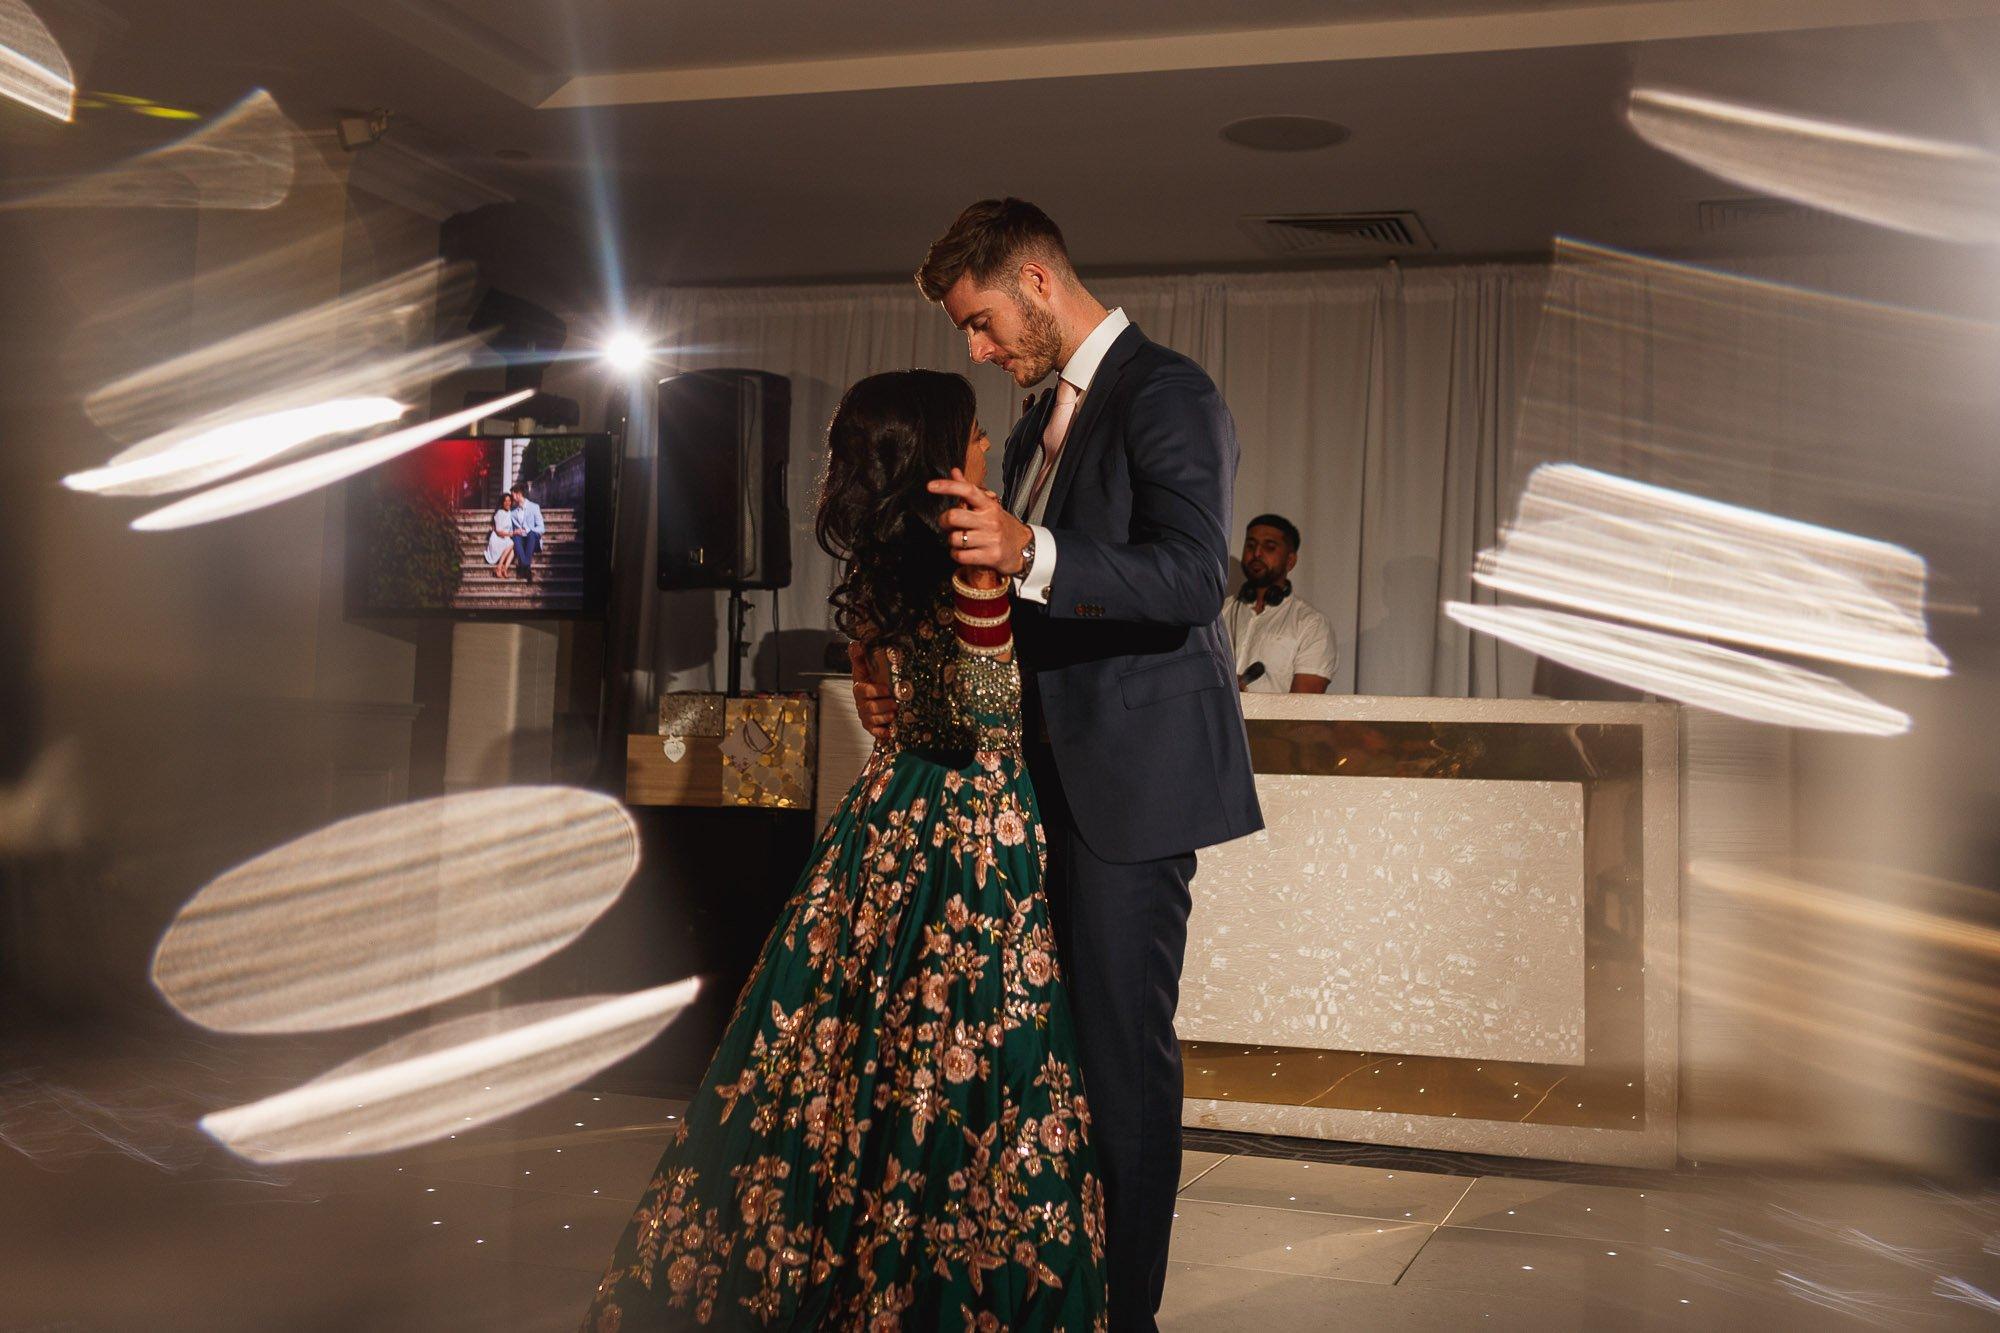 De Vere Wokefield Estate, Asian wedding photographer, reception, first dance